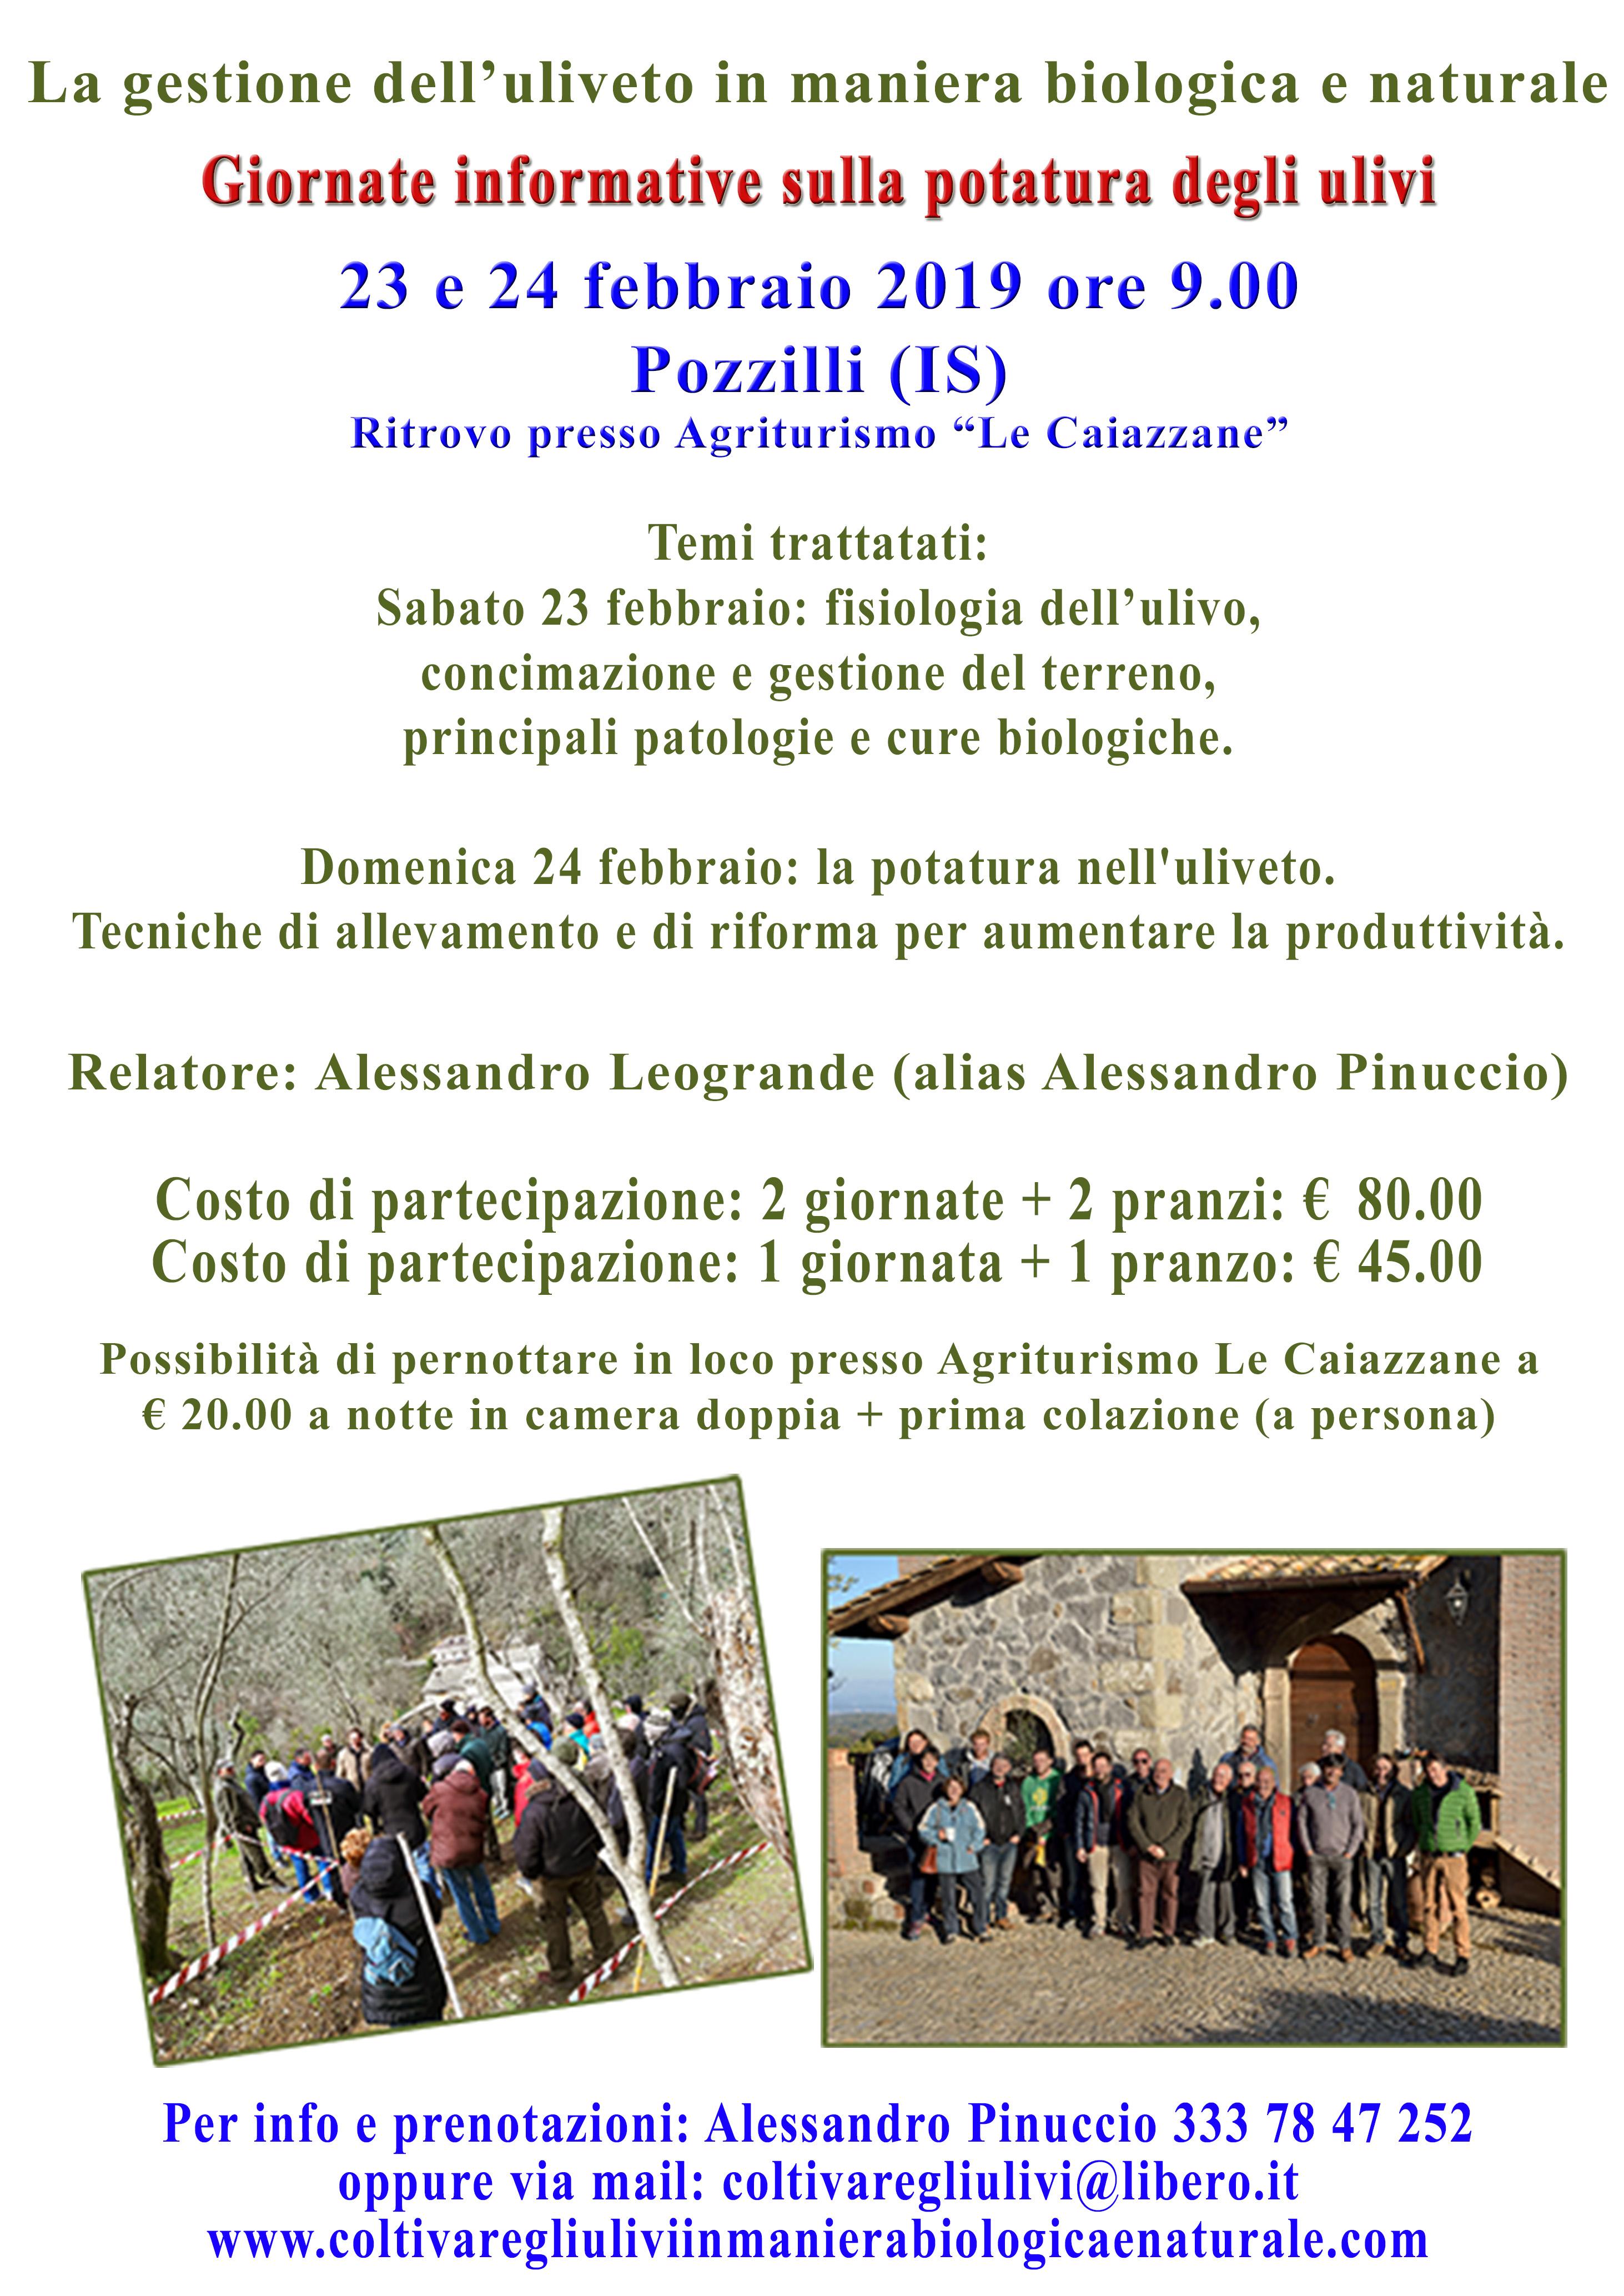 Pozzilli (Isernia) – Due giornate informative sulla gestione dell' uliveto